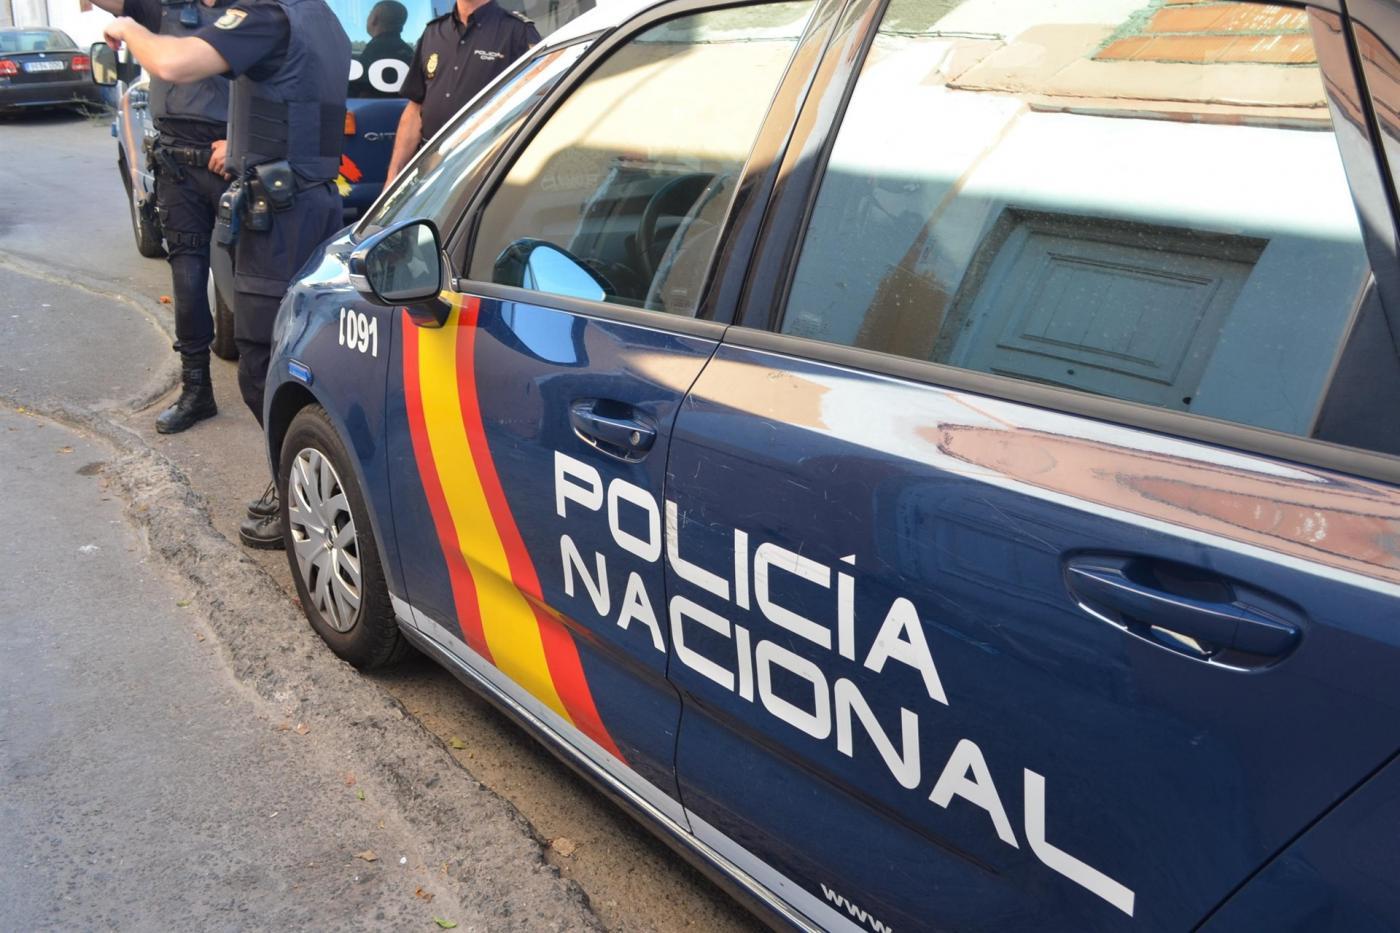 El SUP alerta de la pérdida de 21 policías en Motril justo antes de la 'fase crítica' del año